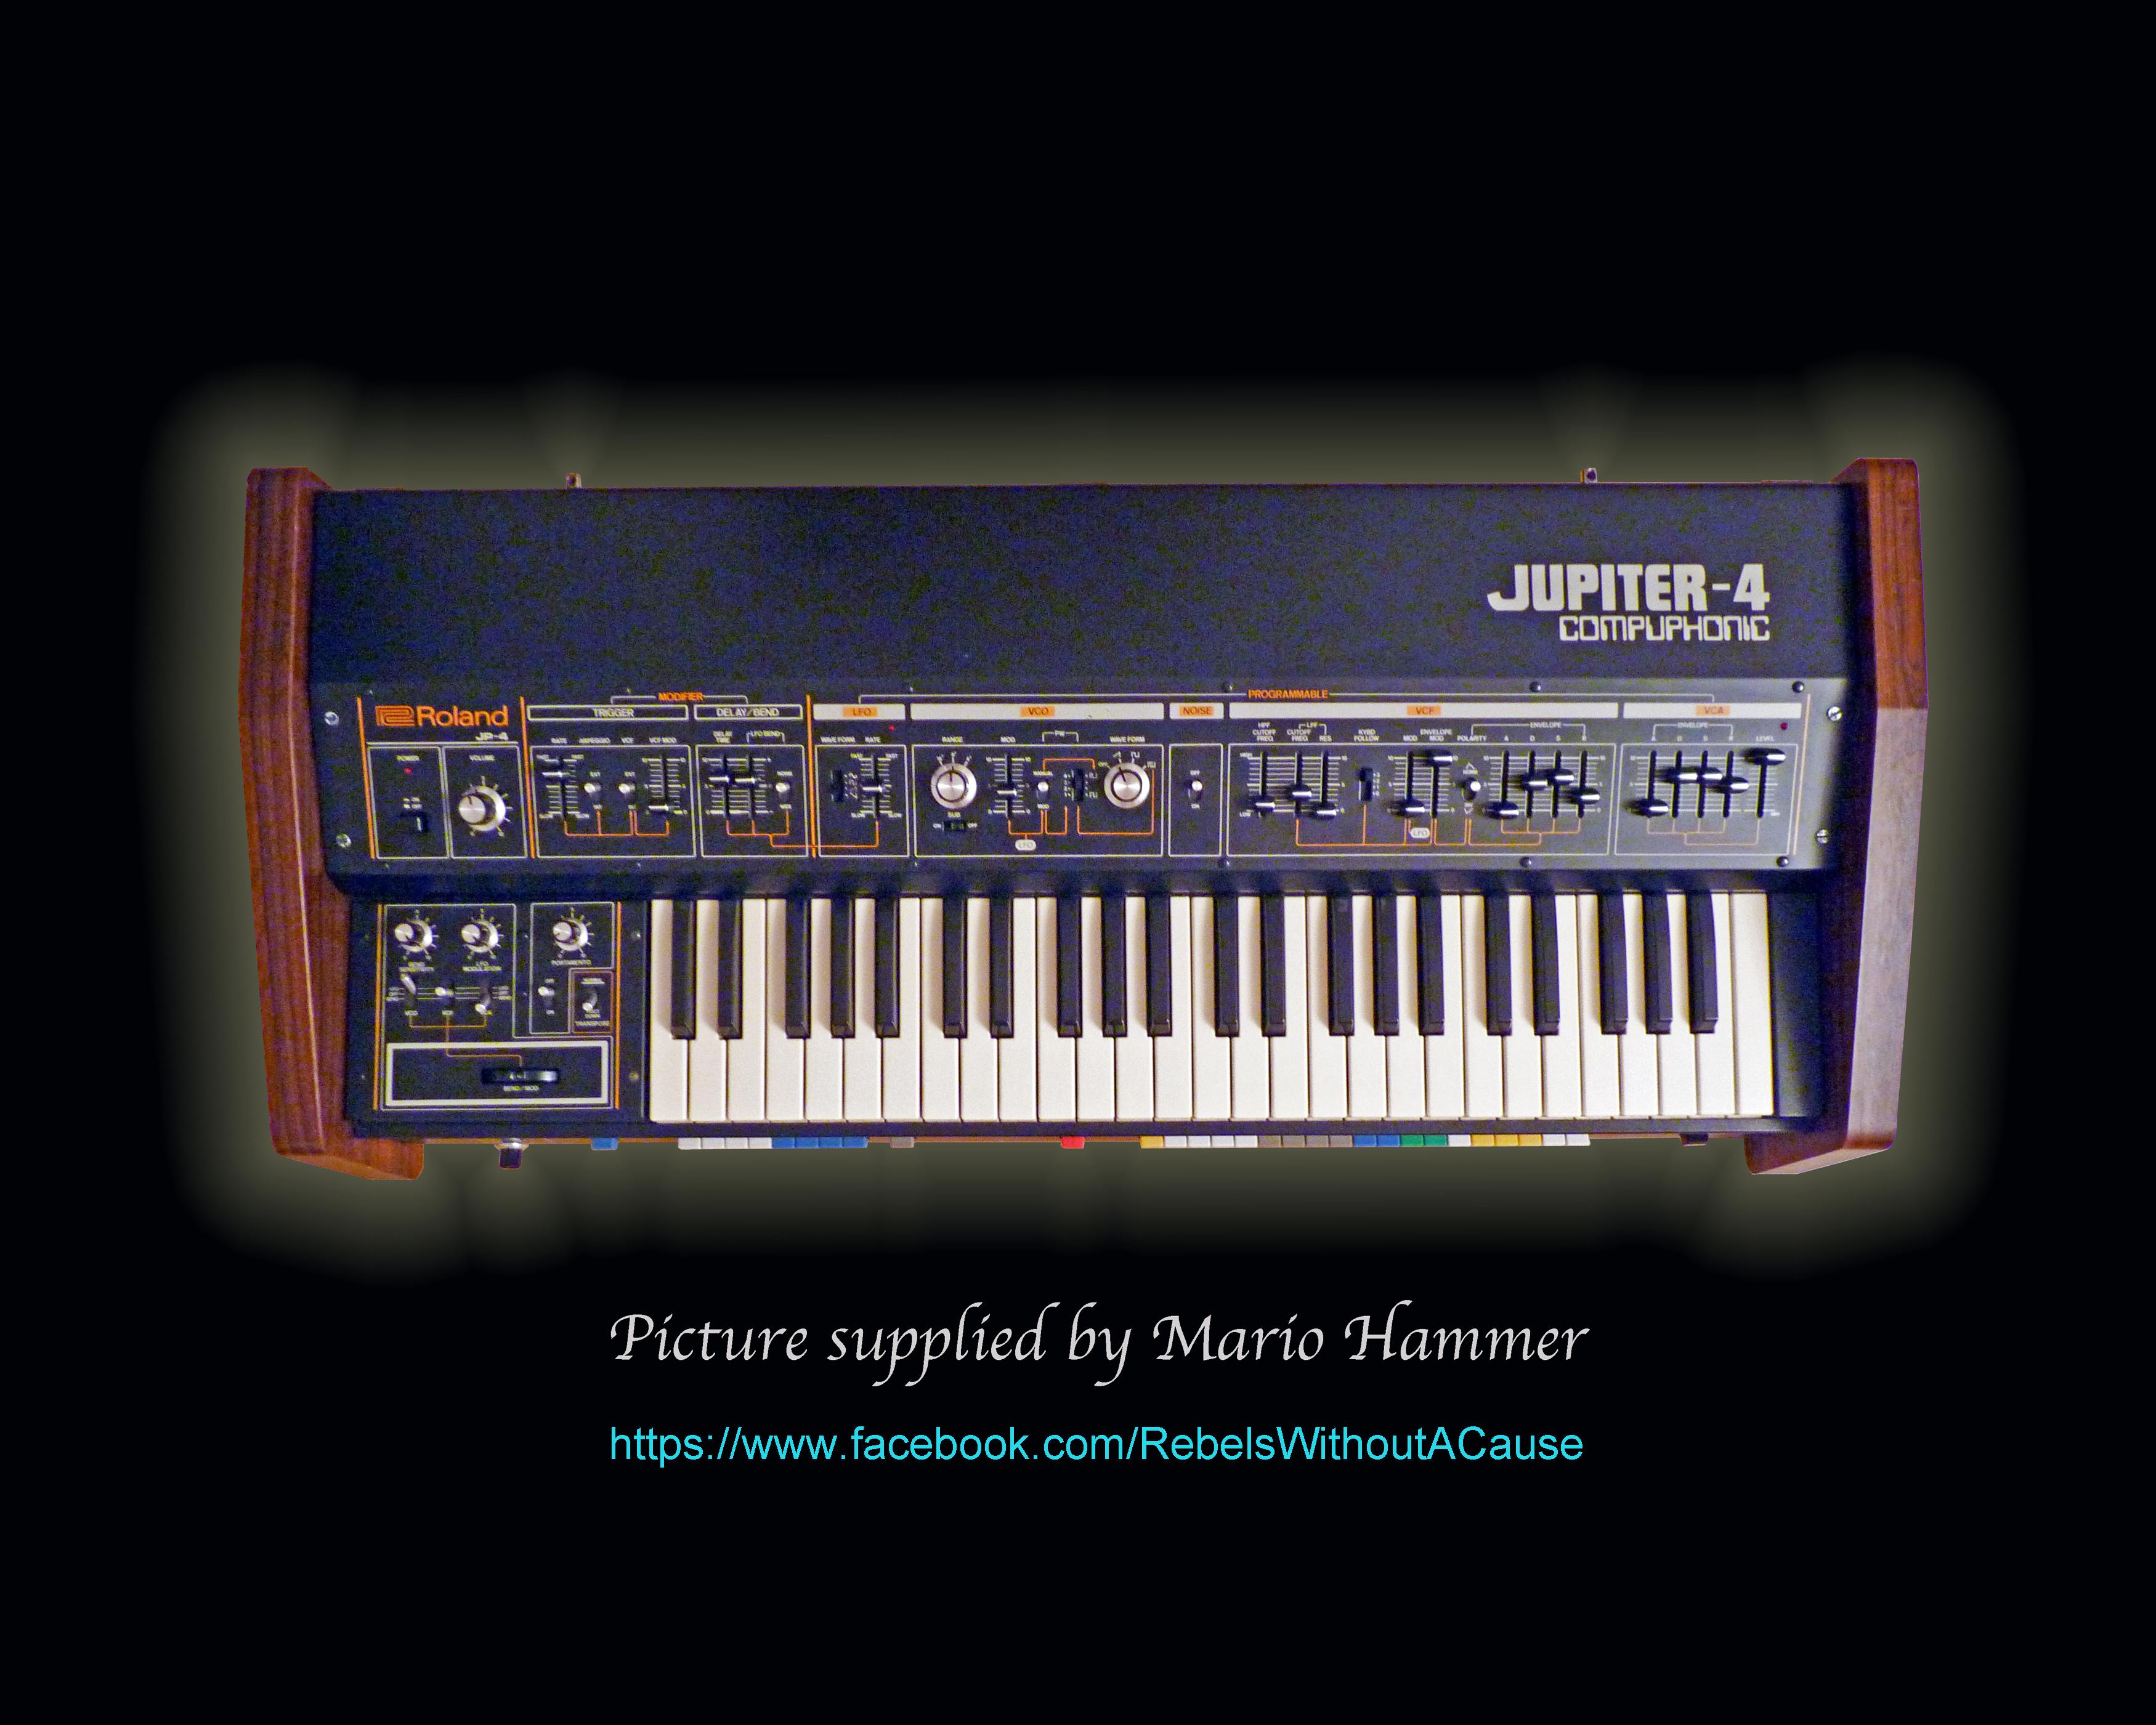 Roland Jupiter 4 | RL Music